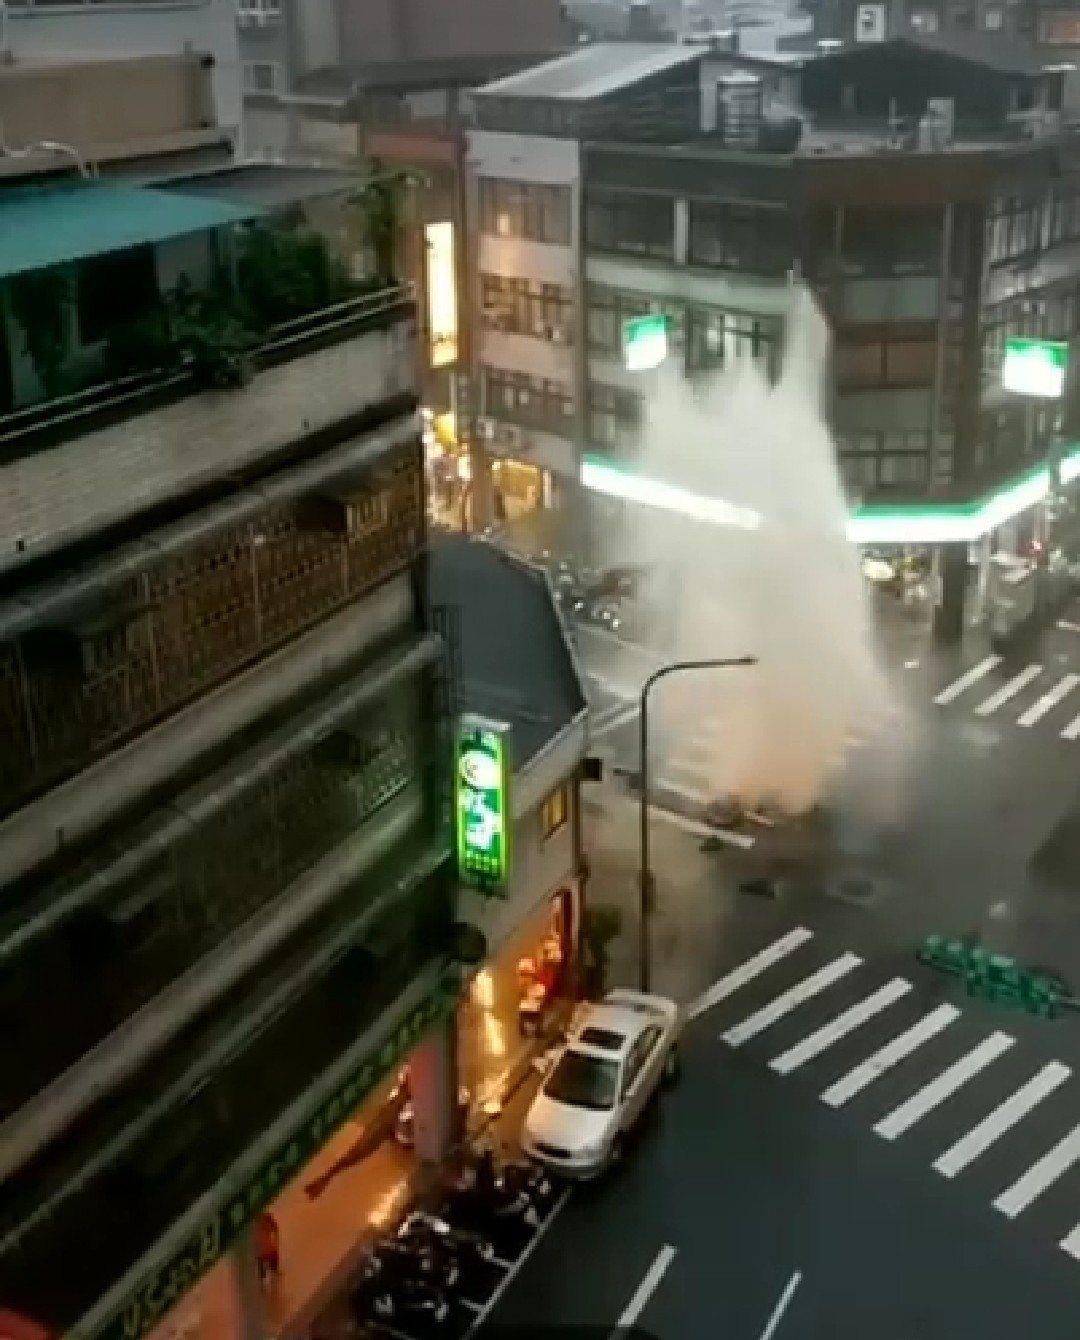 萬華區昆明路內江街口一處人孔蓋,因暴雨發生水衝,形成有如噴泉景象。圖/截自臉書